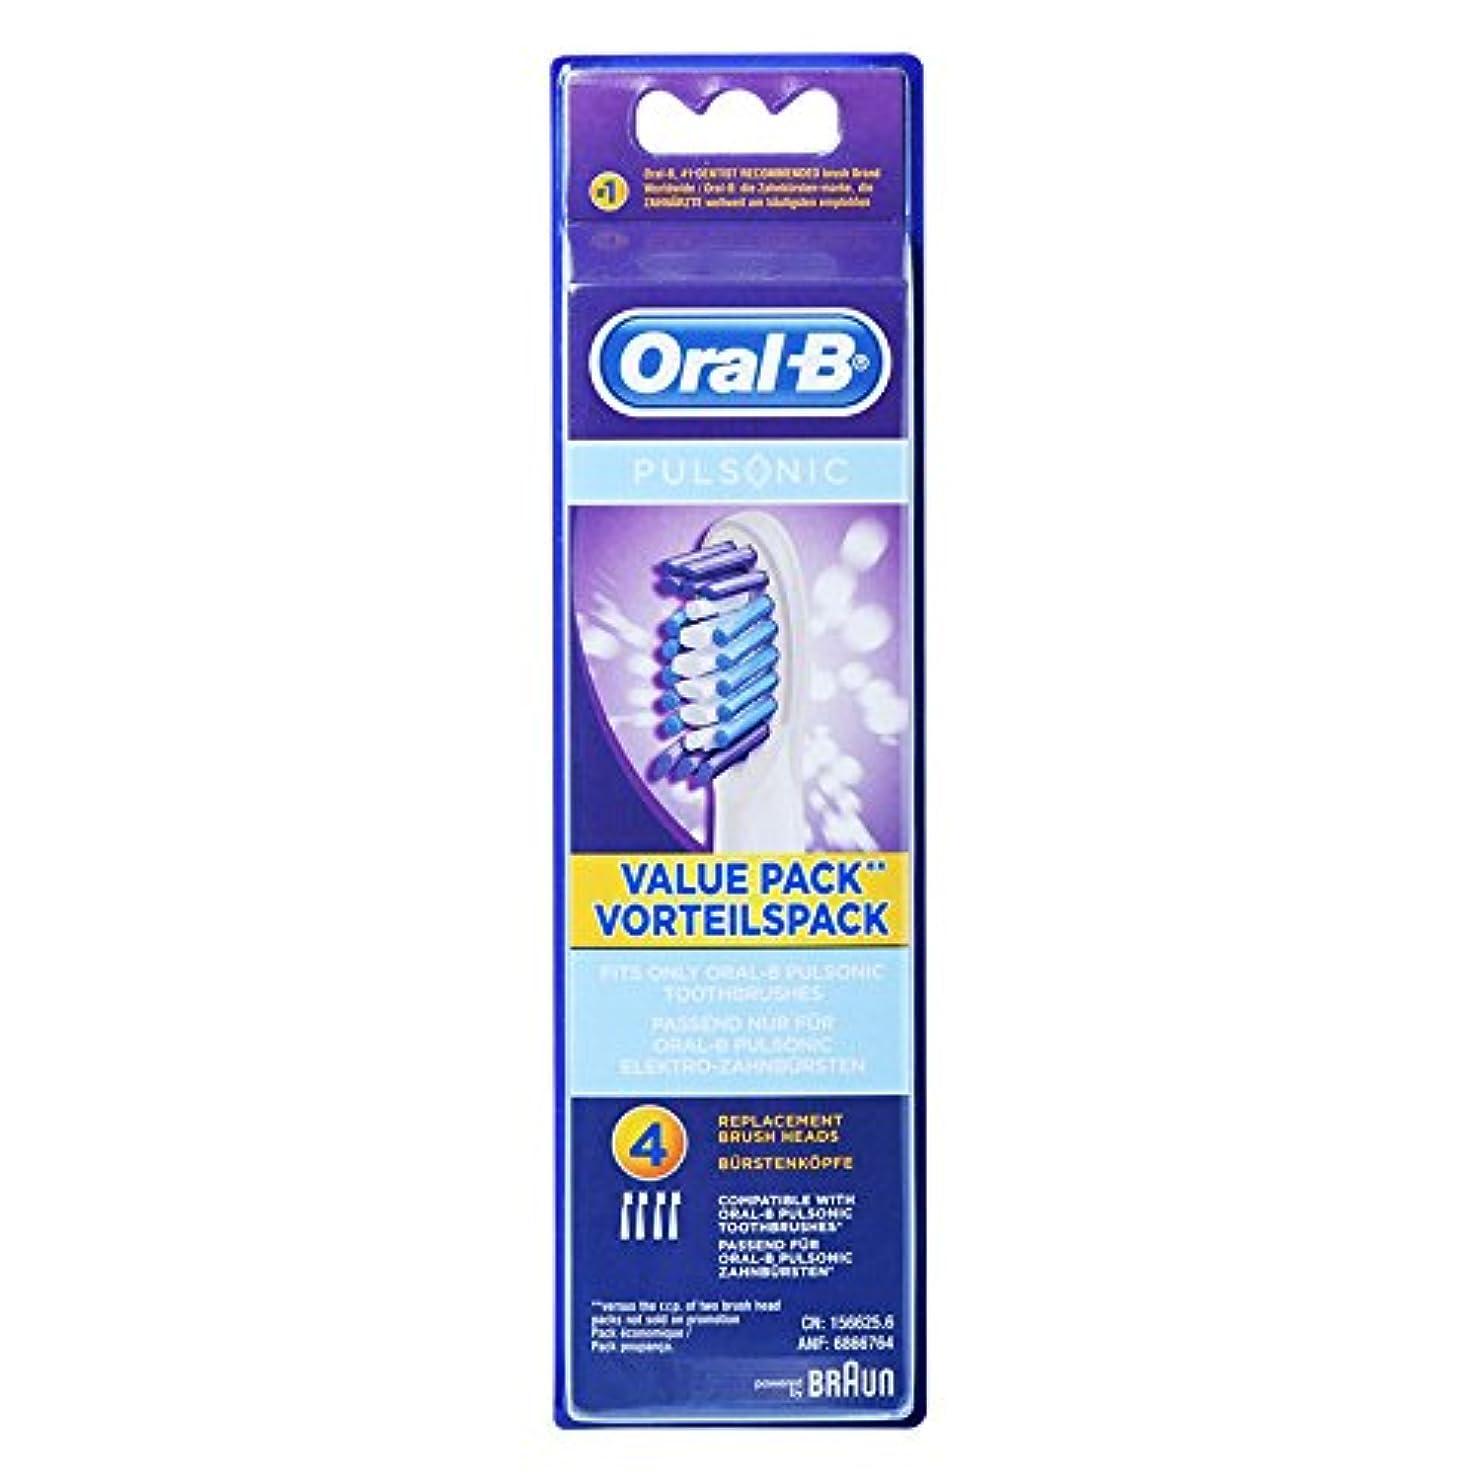 つらい抑圧所持Braun Oral-B SR32-4 Pulsonic Value Pack 交換用ブラシヘッド 1Pack [並行輸入品]